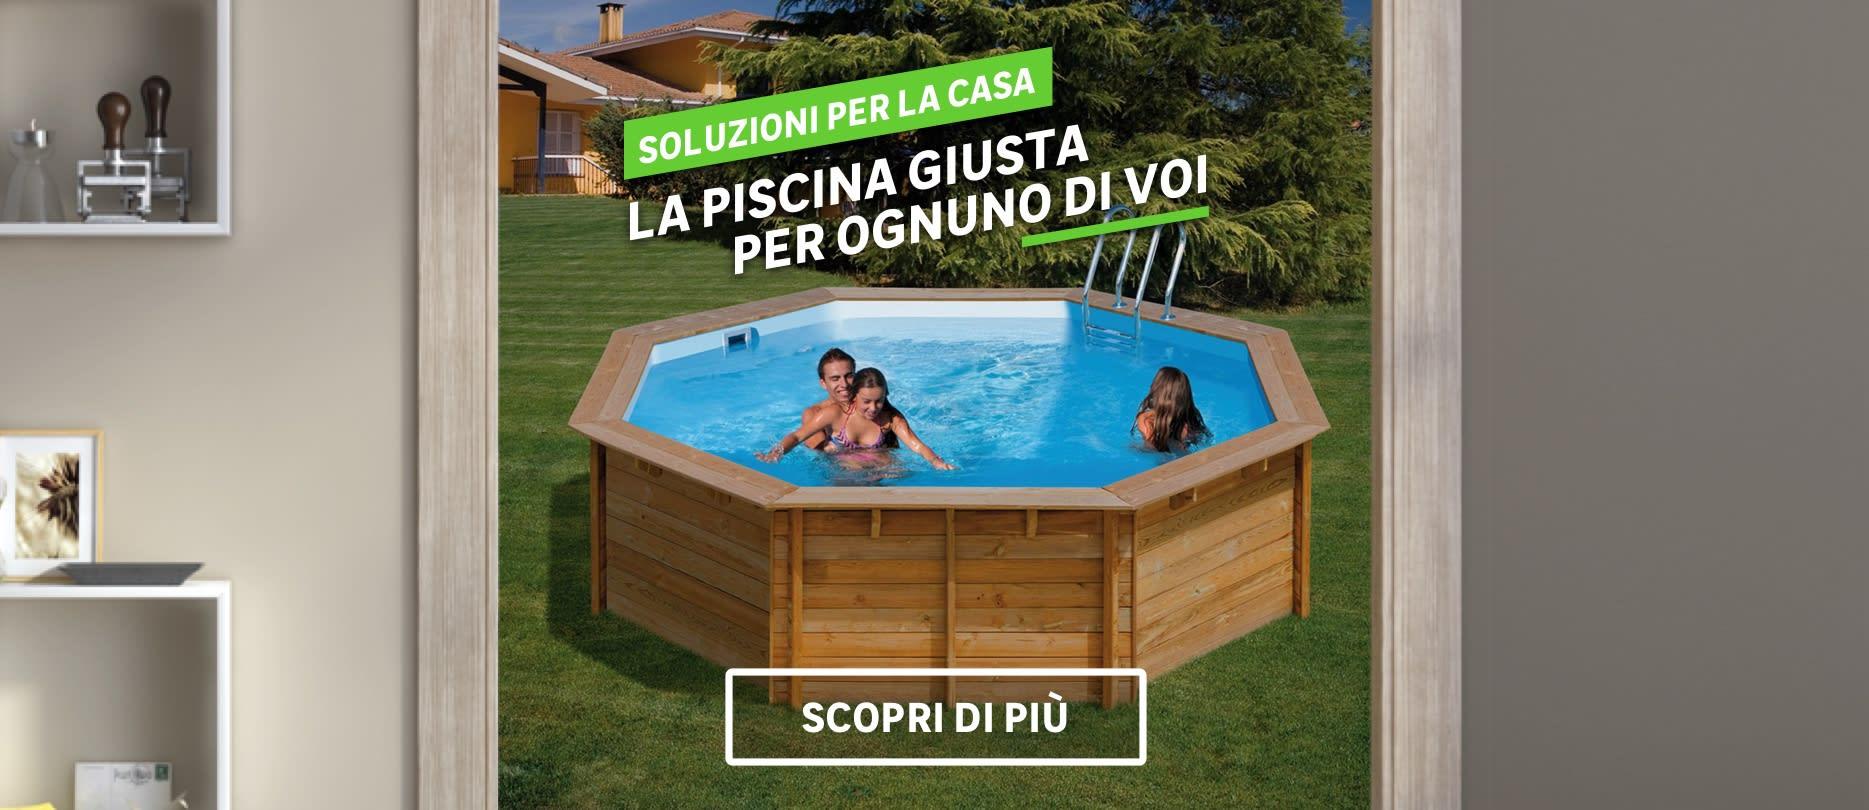 Speciale piscine | Leroy Merlin